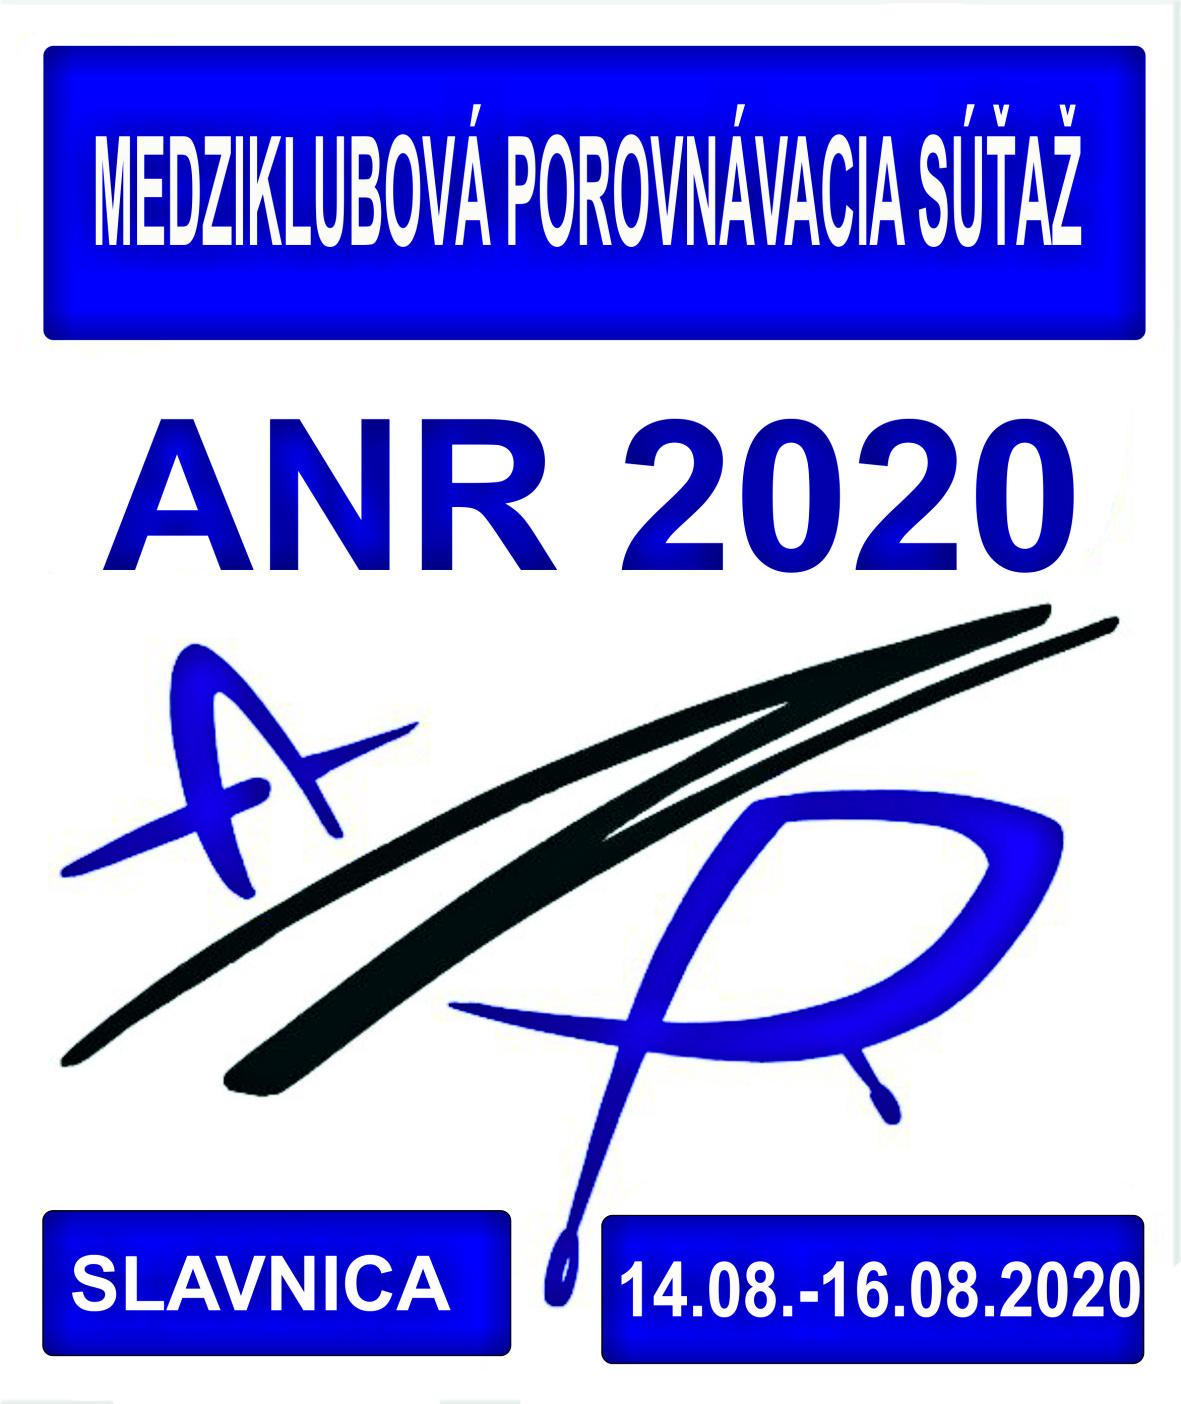 MEDZIKLUBOVÁ POROVNÁVACIA SÚŤAŽ – AIR NAVIGATION RACE SLAVNICA 2020